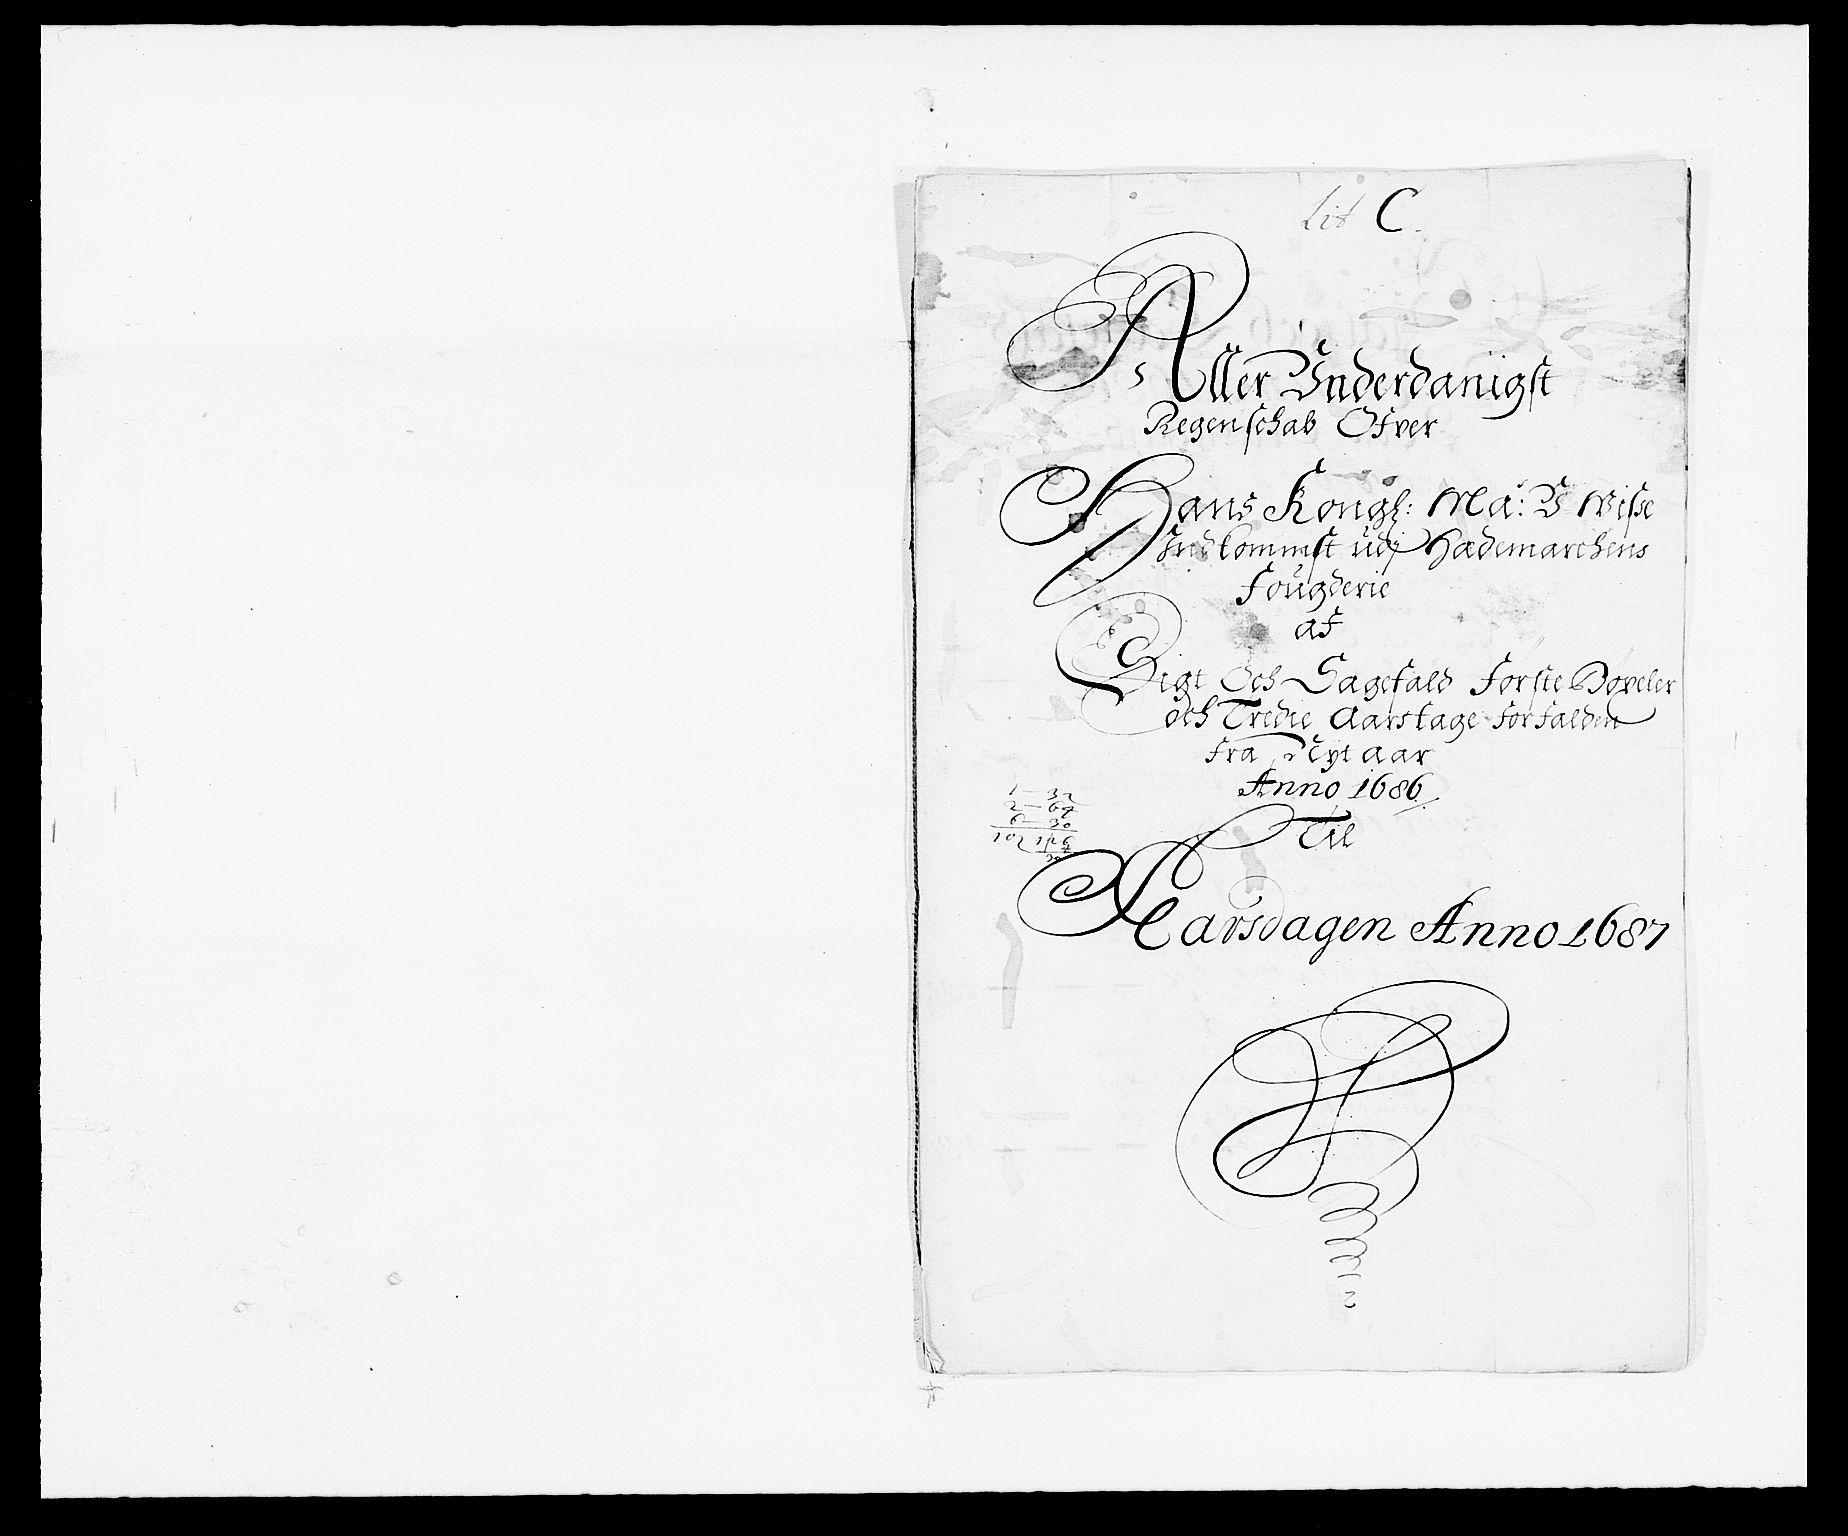 RA, Rentekammeret inntil 1814, Reviderte regnskaper, Fogderegnskap, R16/L1027: Fogderegnskap Hedmark, 1686, s. 255